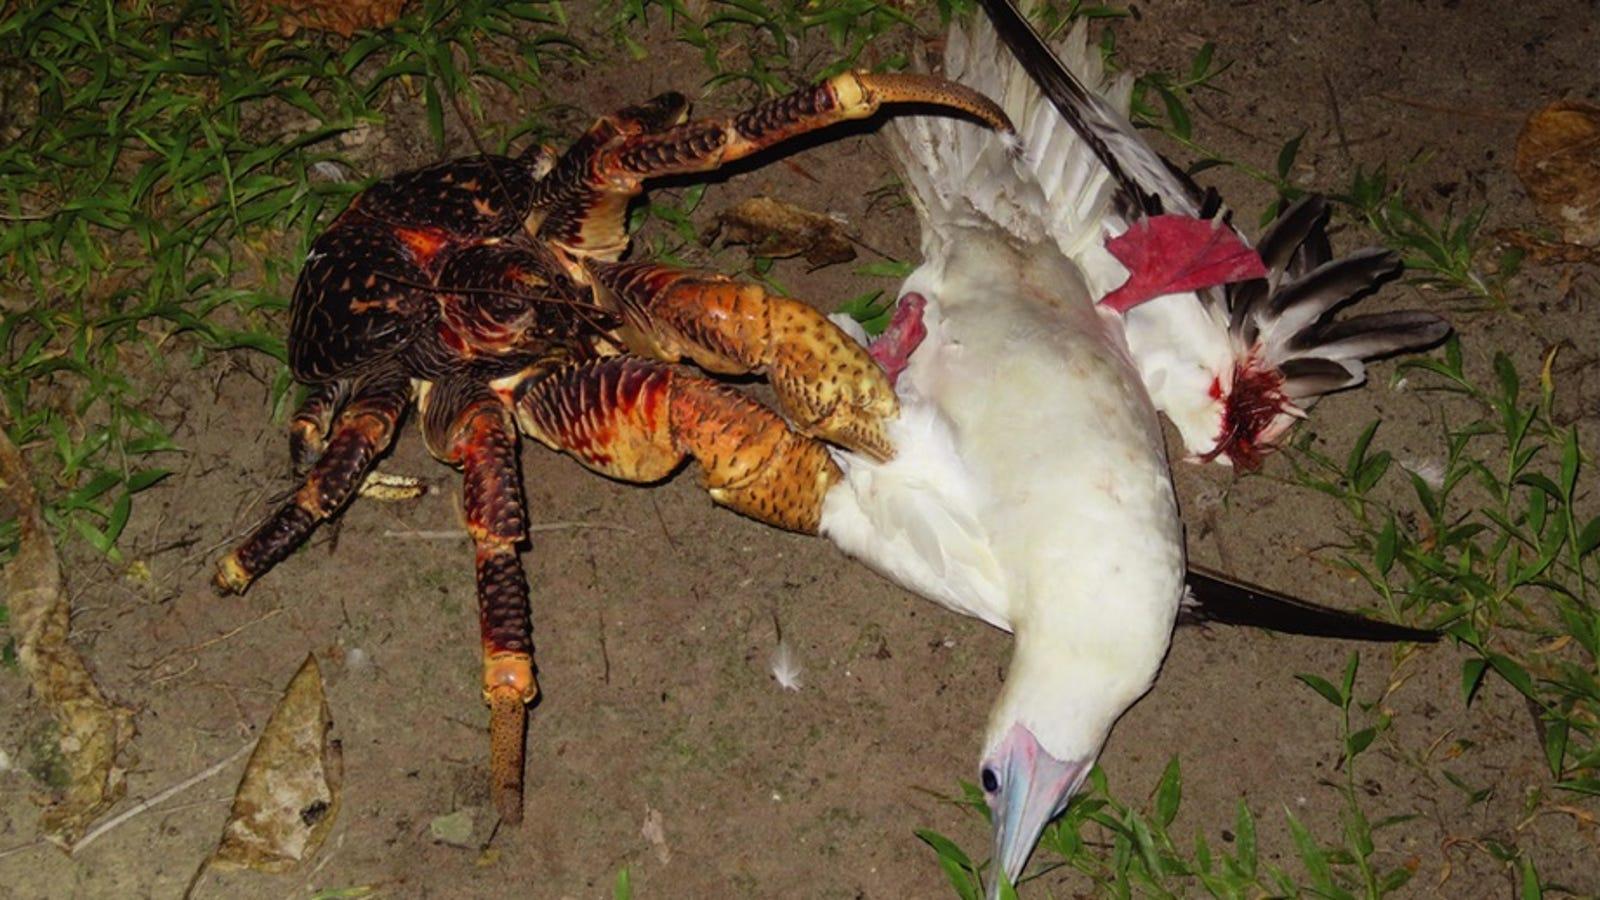 Los cangrejos gigantes de una remota isla del Índico están aprendiendo a capturar y devorar pájaros mientras duermen